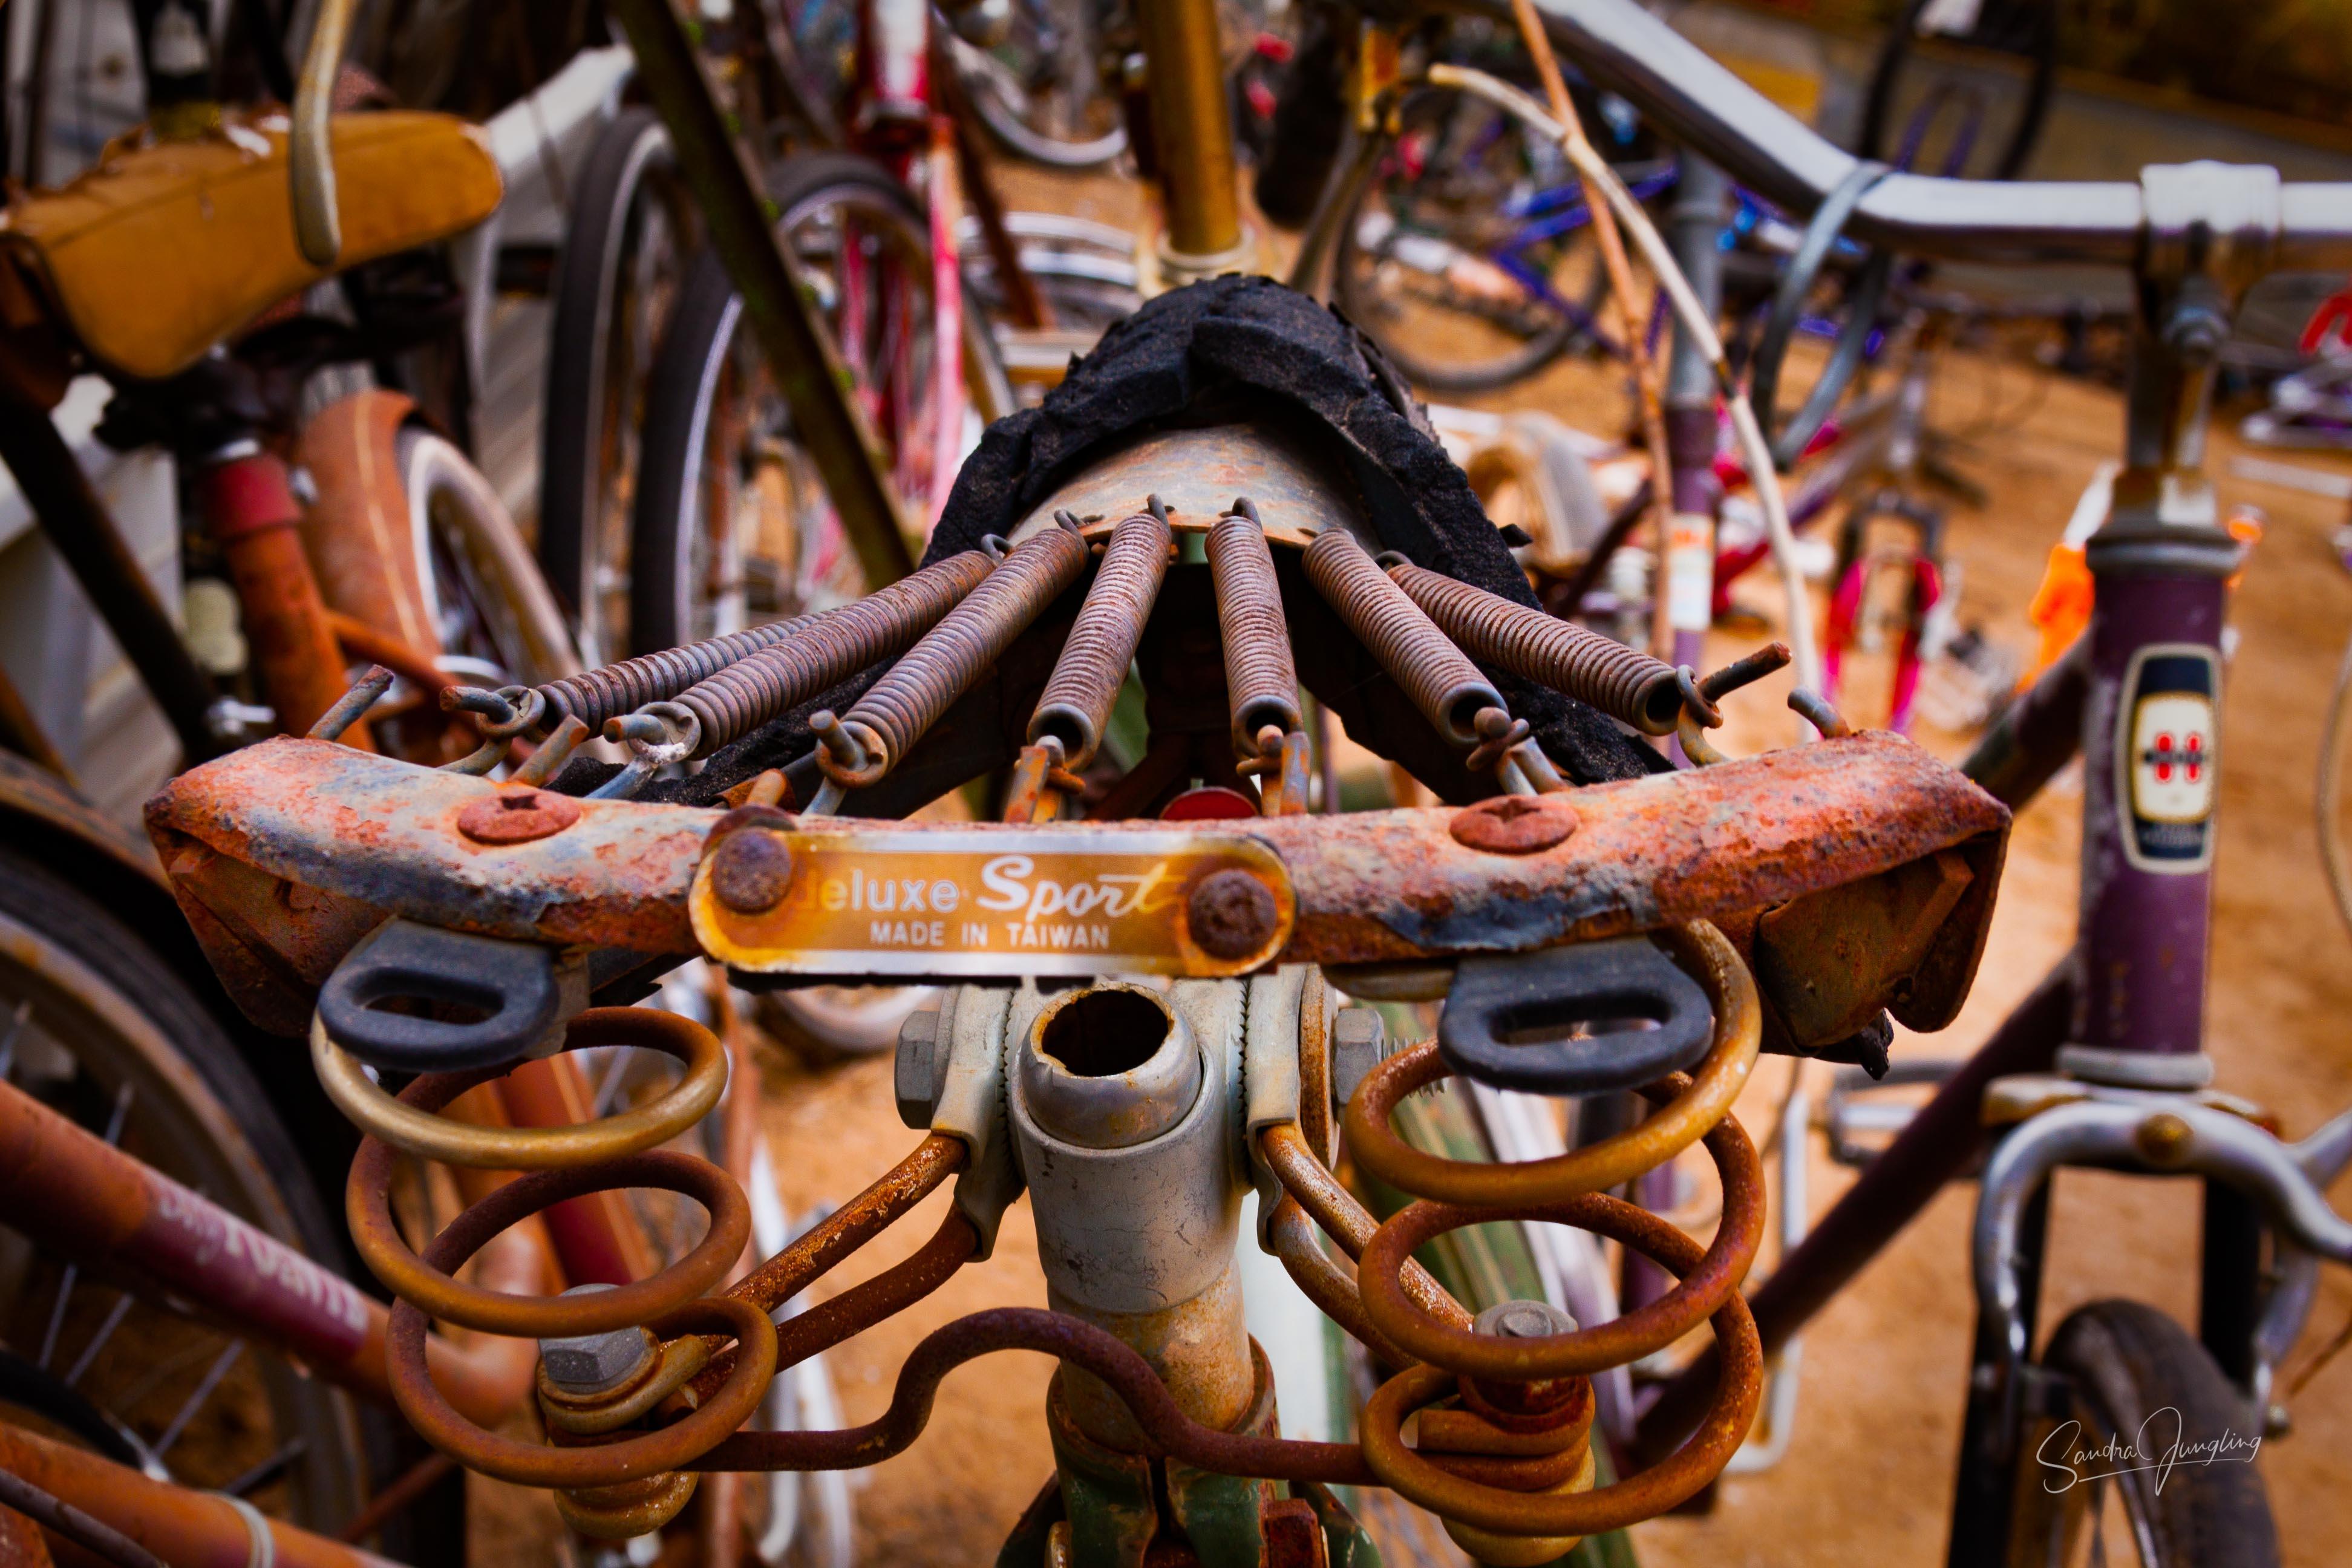 Bike parts #2